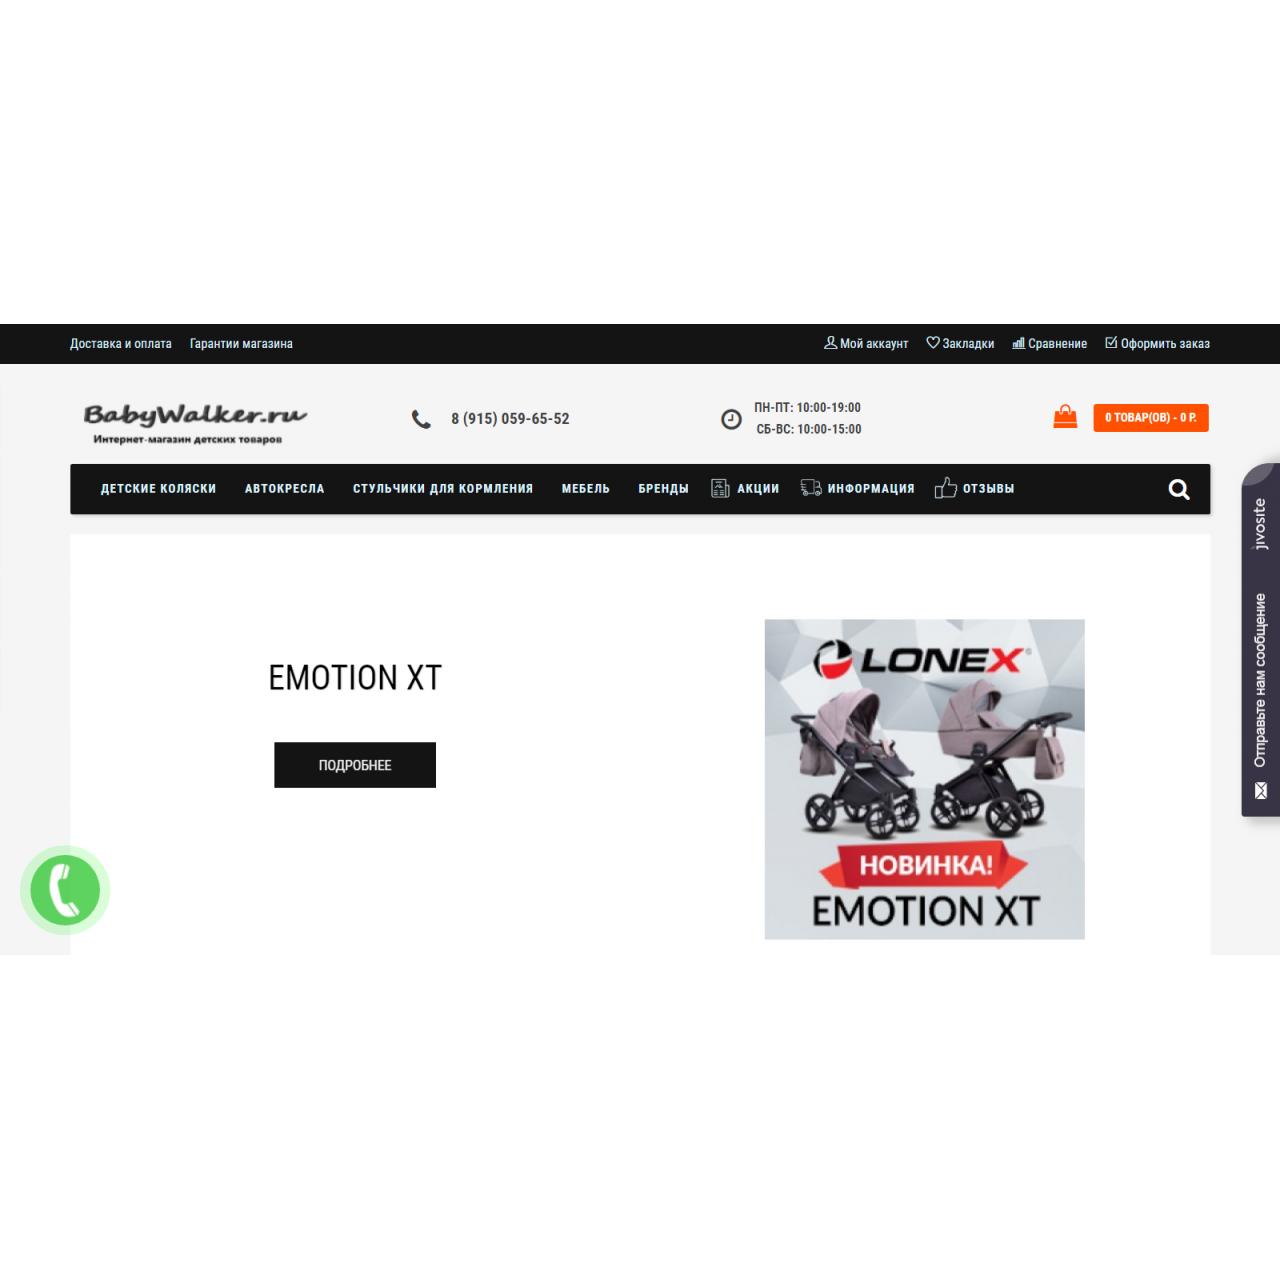 BabyWalker.ru - детский интернет-магазин из категории Наши проекты для CMS OpenCart (ОпенКарт)